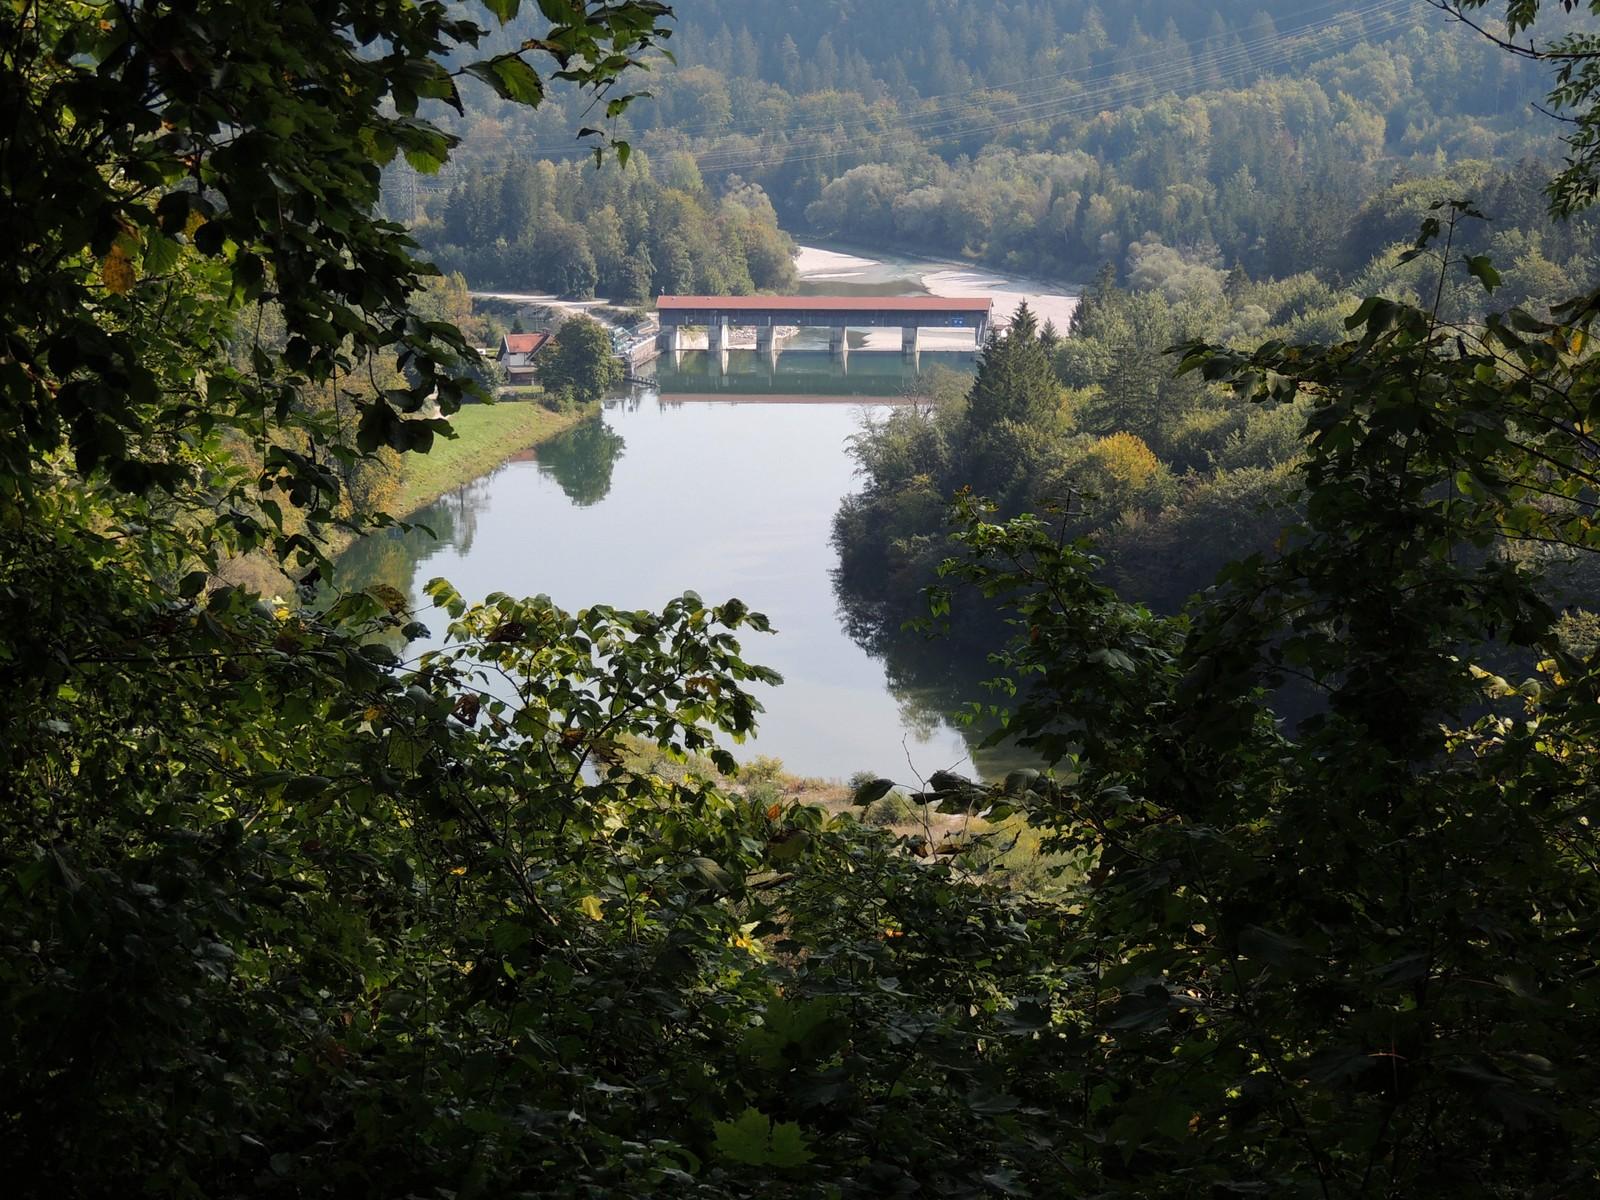 Grünwald-Rundkurs - Blick auf das Wasserkraftwerk Höllriegelskreuth im Isartal